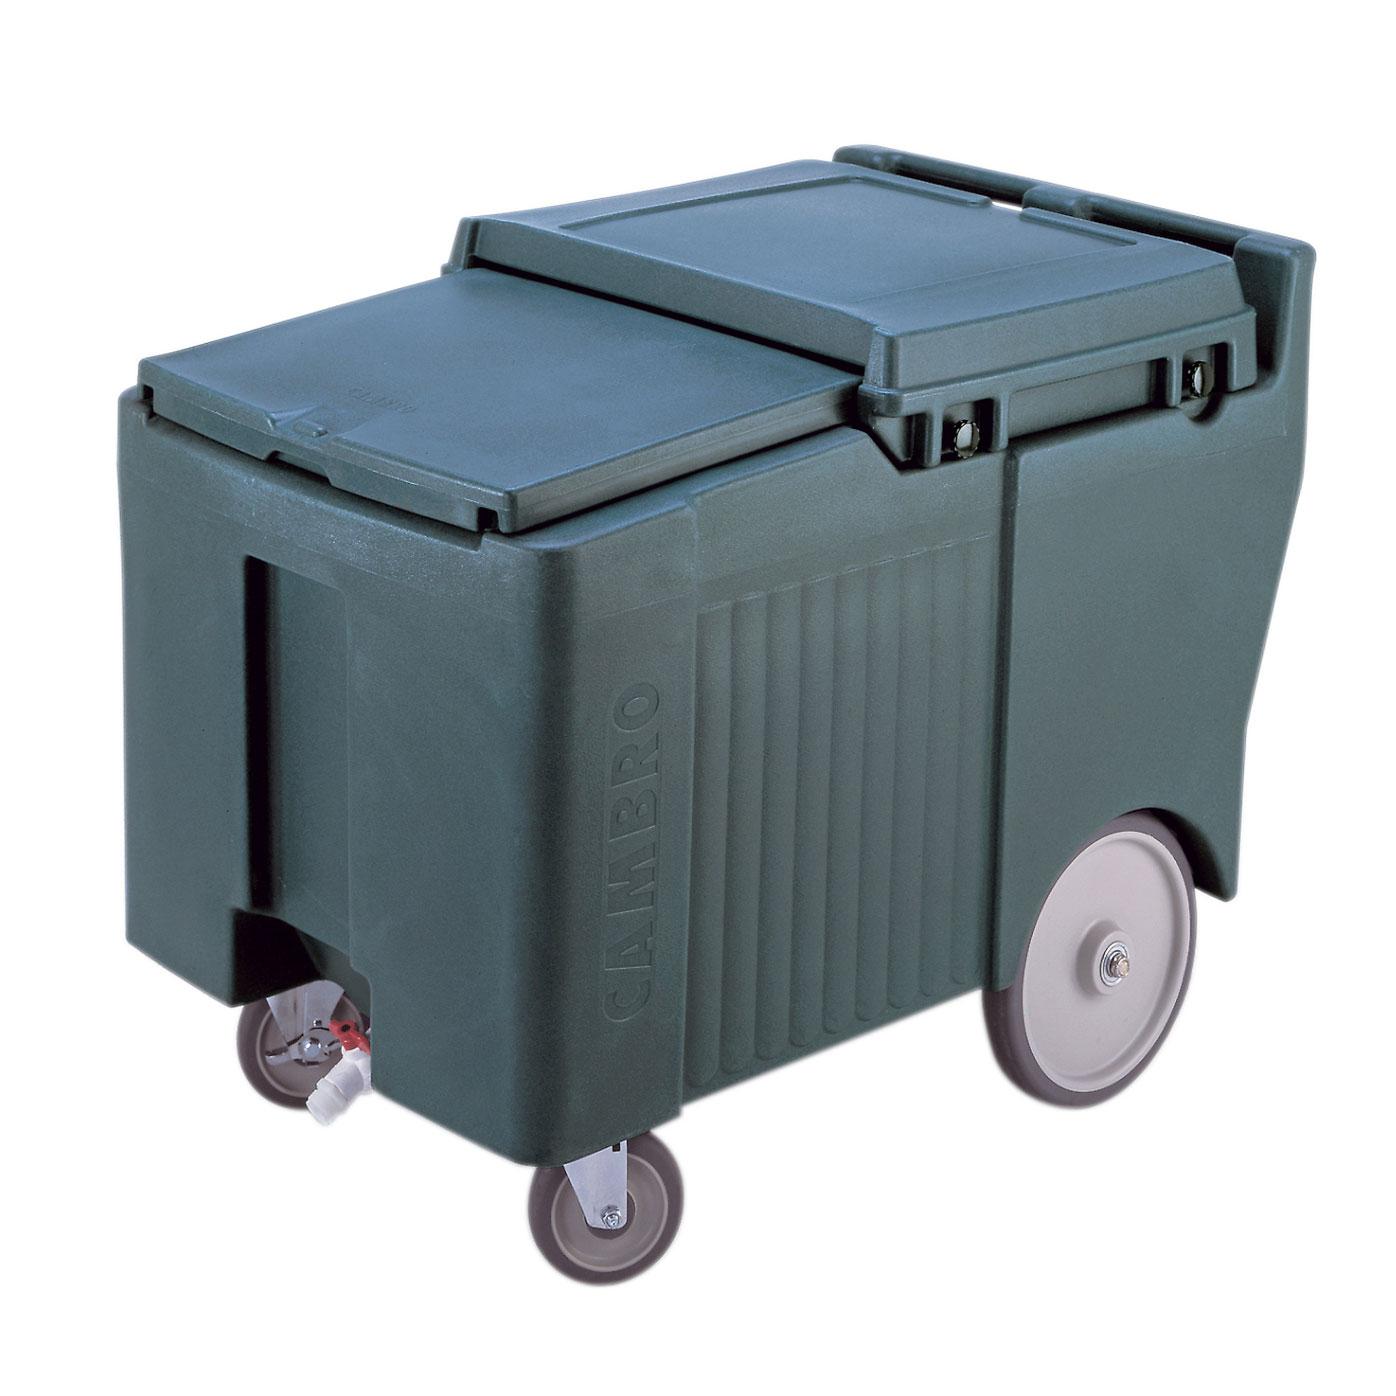 Cambro ICS175LB191 ice cubers, ice storage & ice dispensers